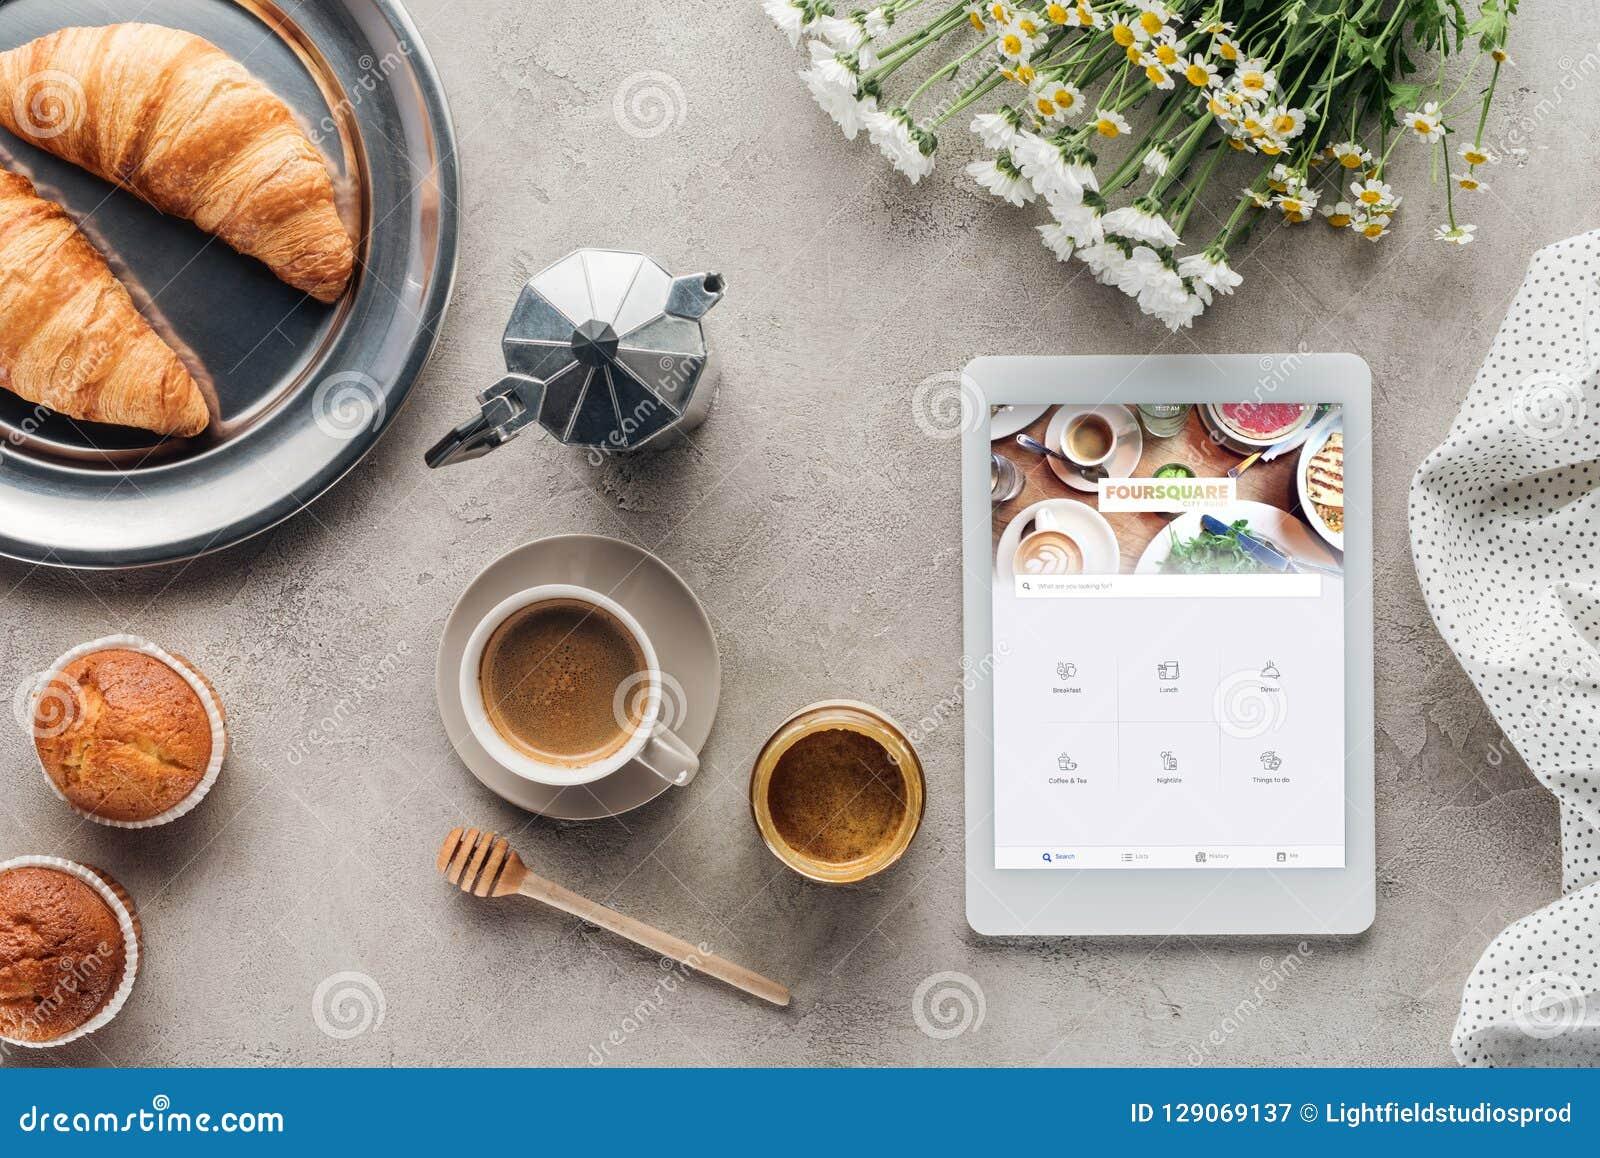 Draufsicht des Kaffees mit Gebäck und Tablette mit foursquare App auf Schirm